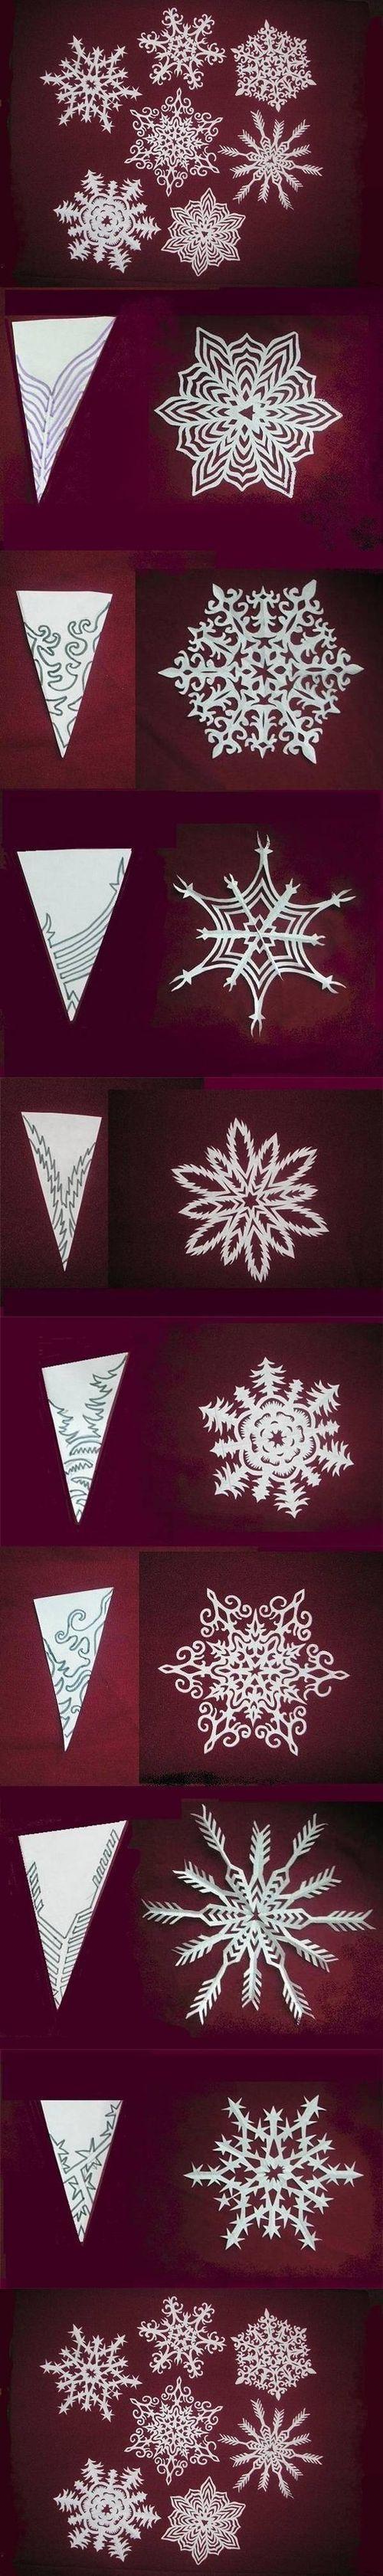 O seu próprio floco de neve, fácil de fazer você mesmo! #diy #natal #decor: